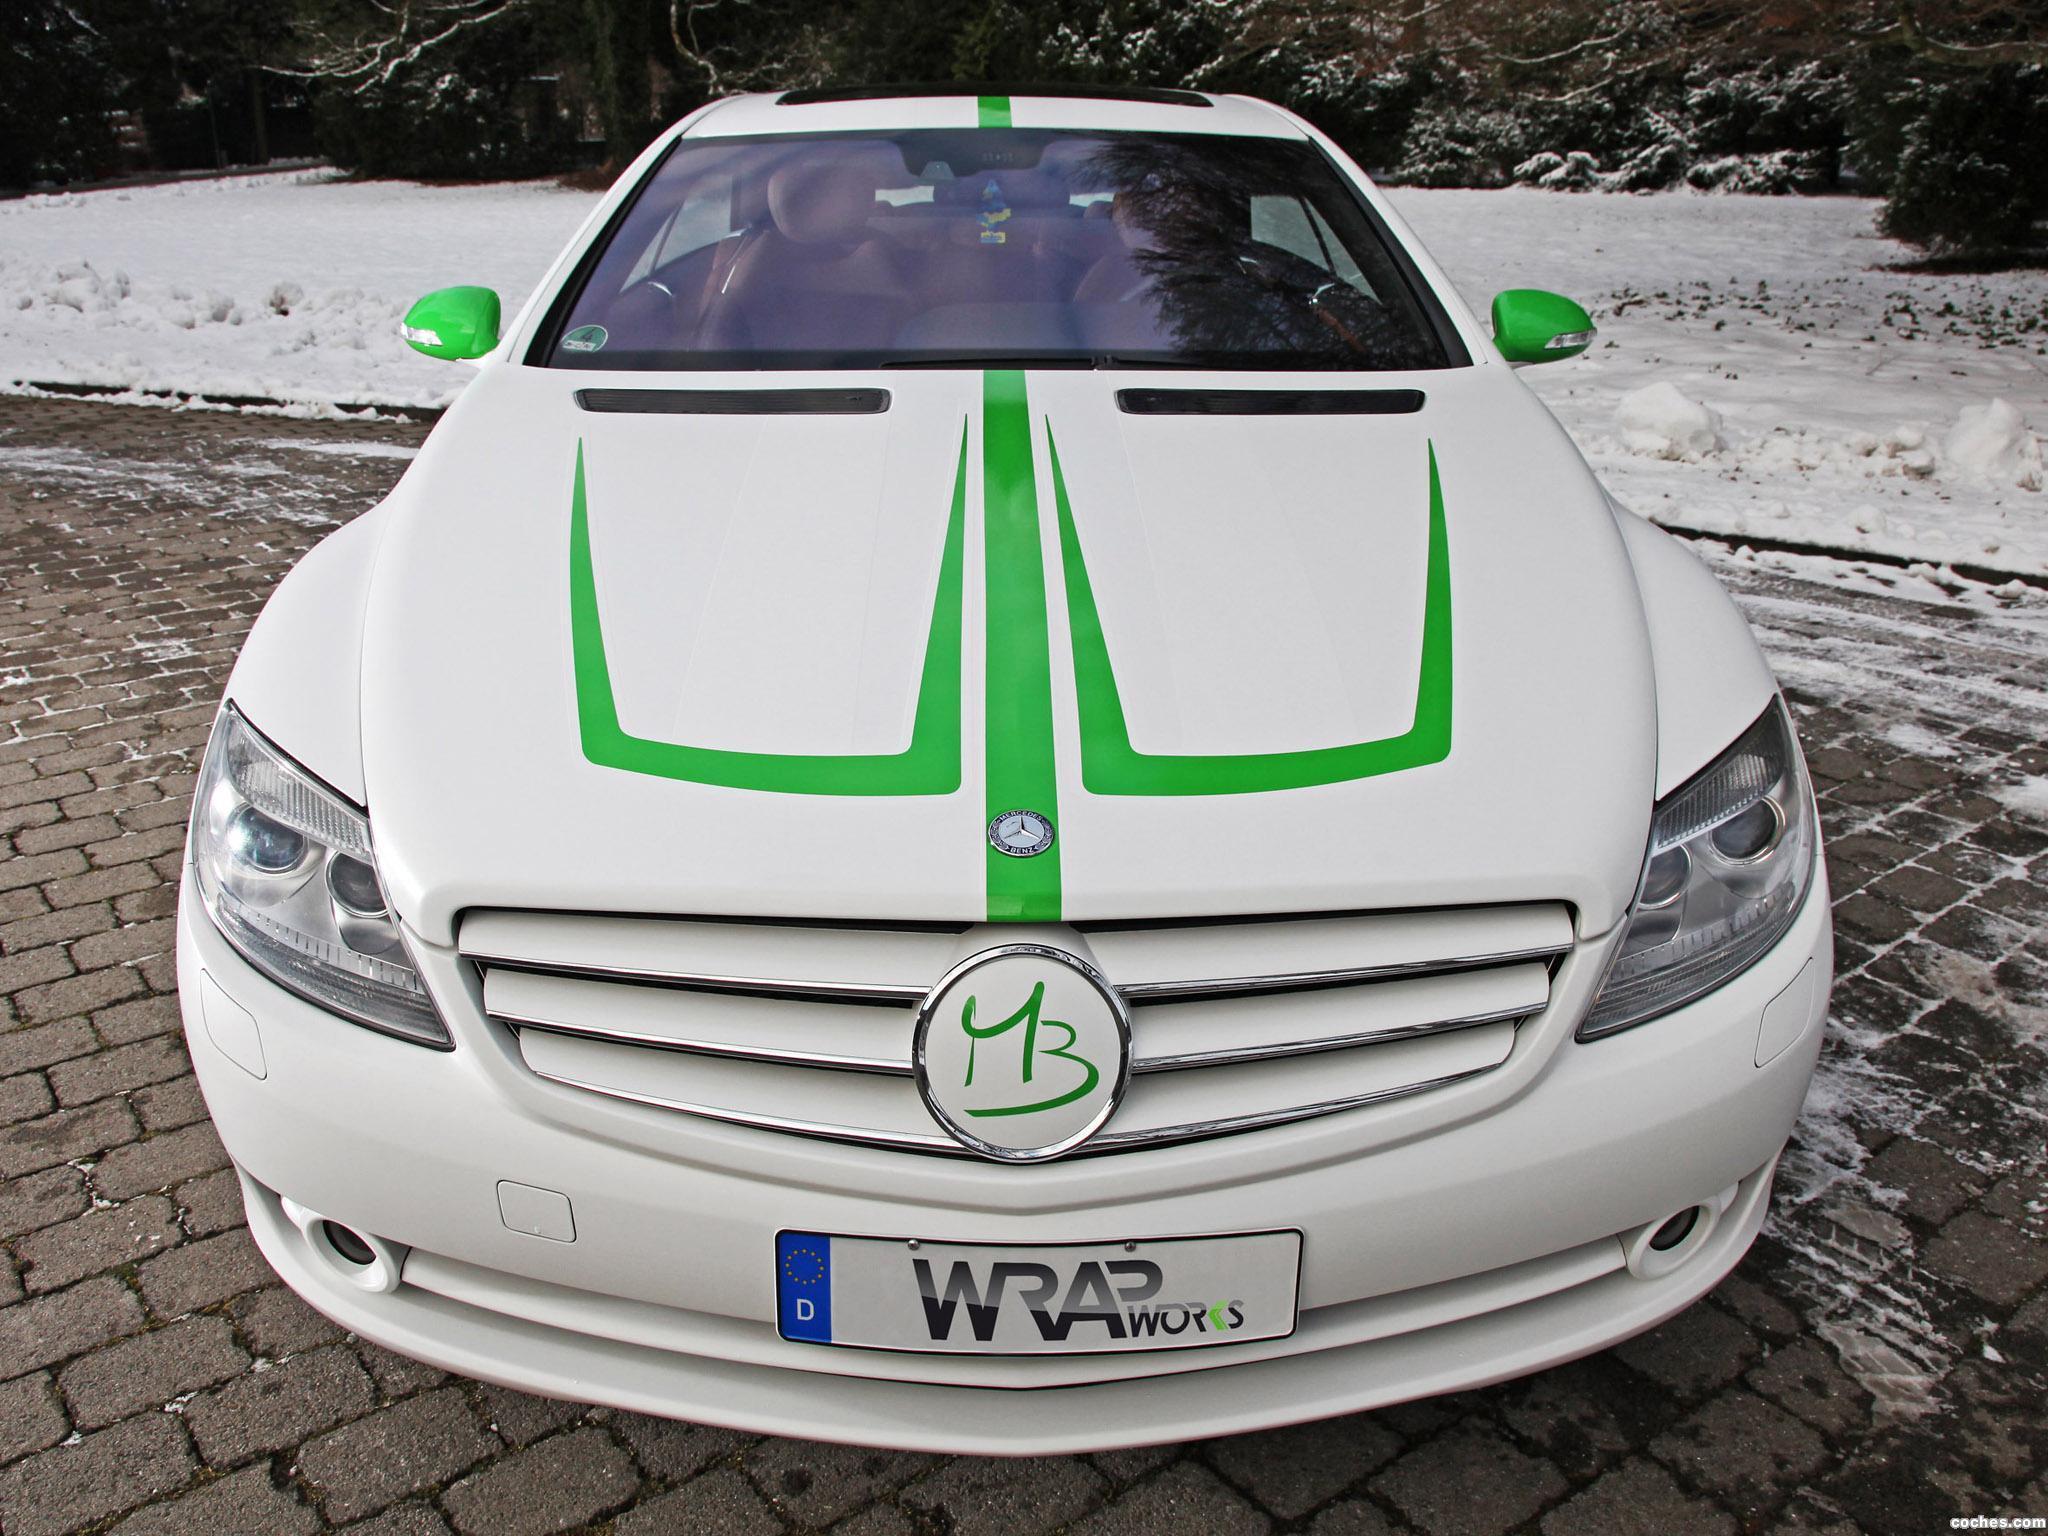 Foto 1 de Mercedes Mercedes Clase CL CL500 by Wrap Works C216 2013